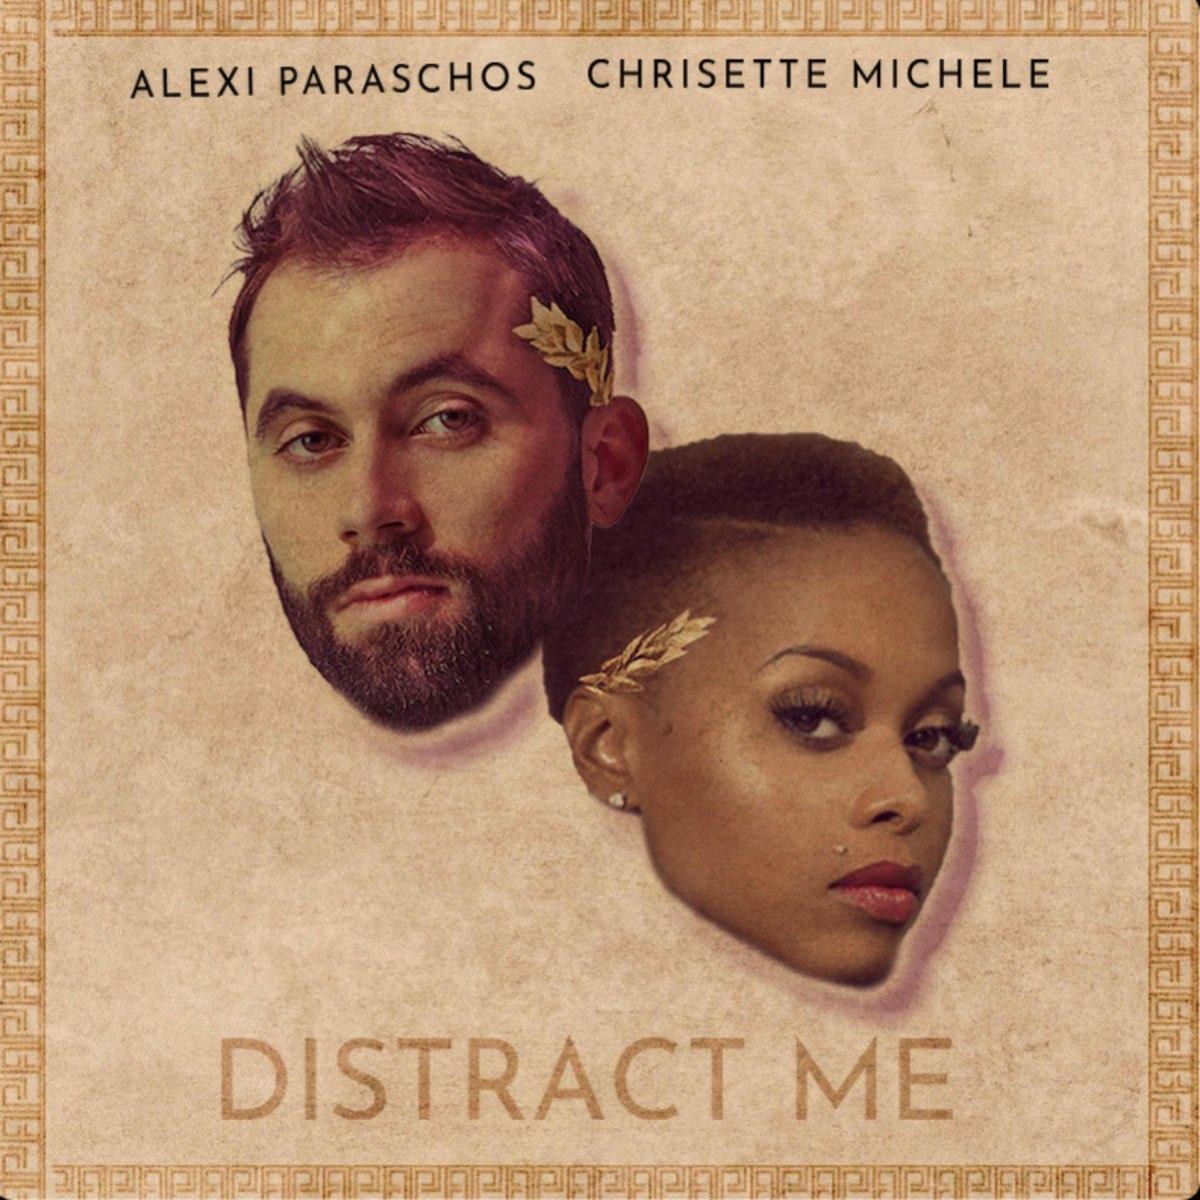 Alexi Paraschos Distract Me Chrisette Michele